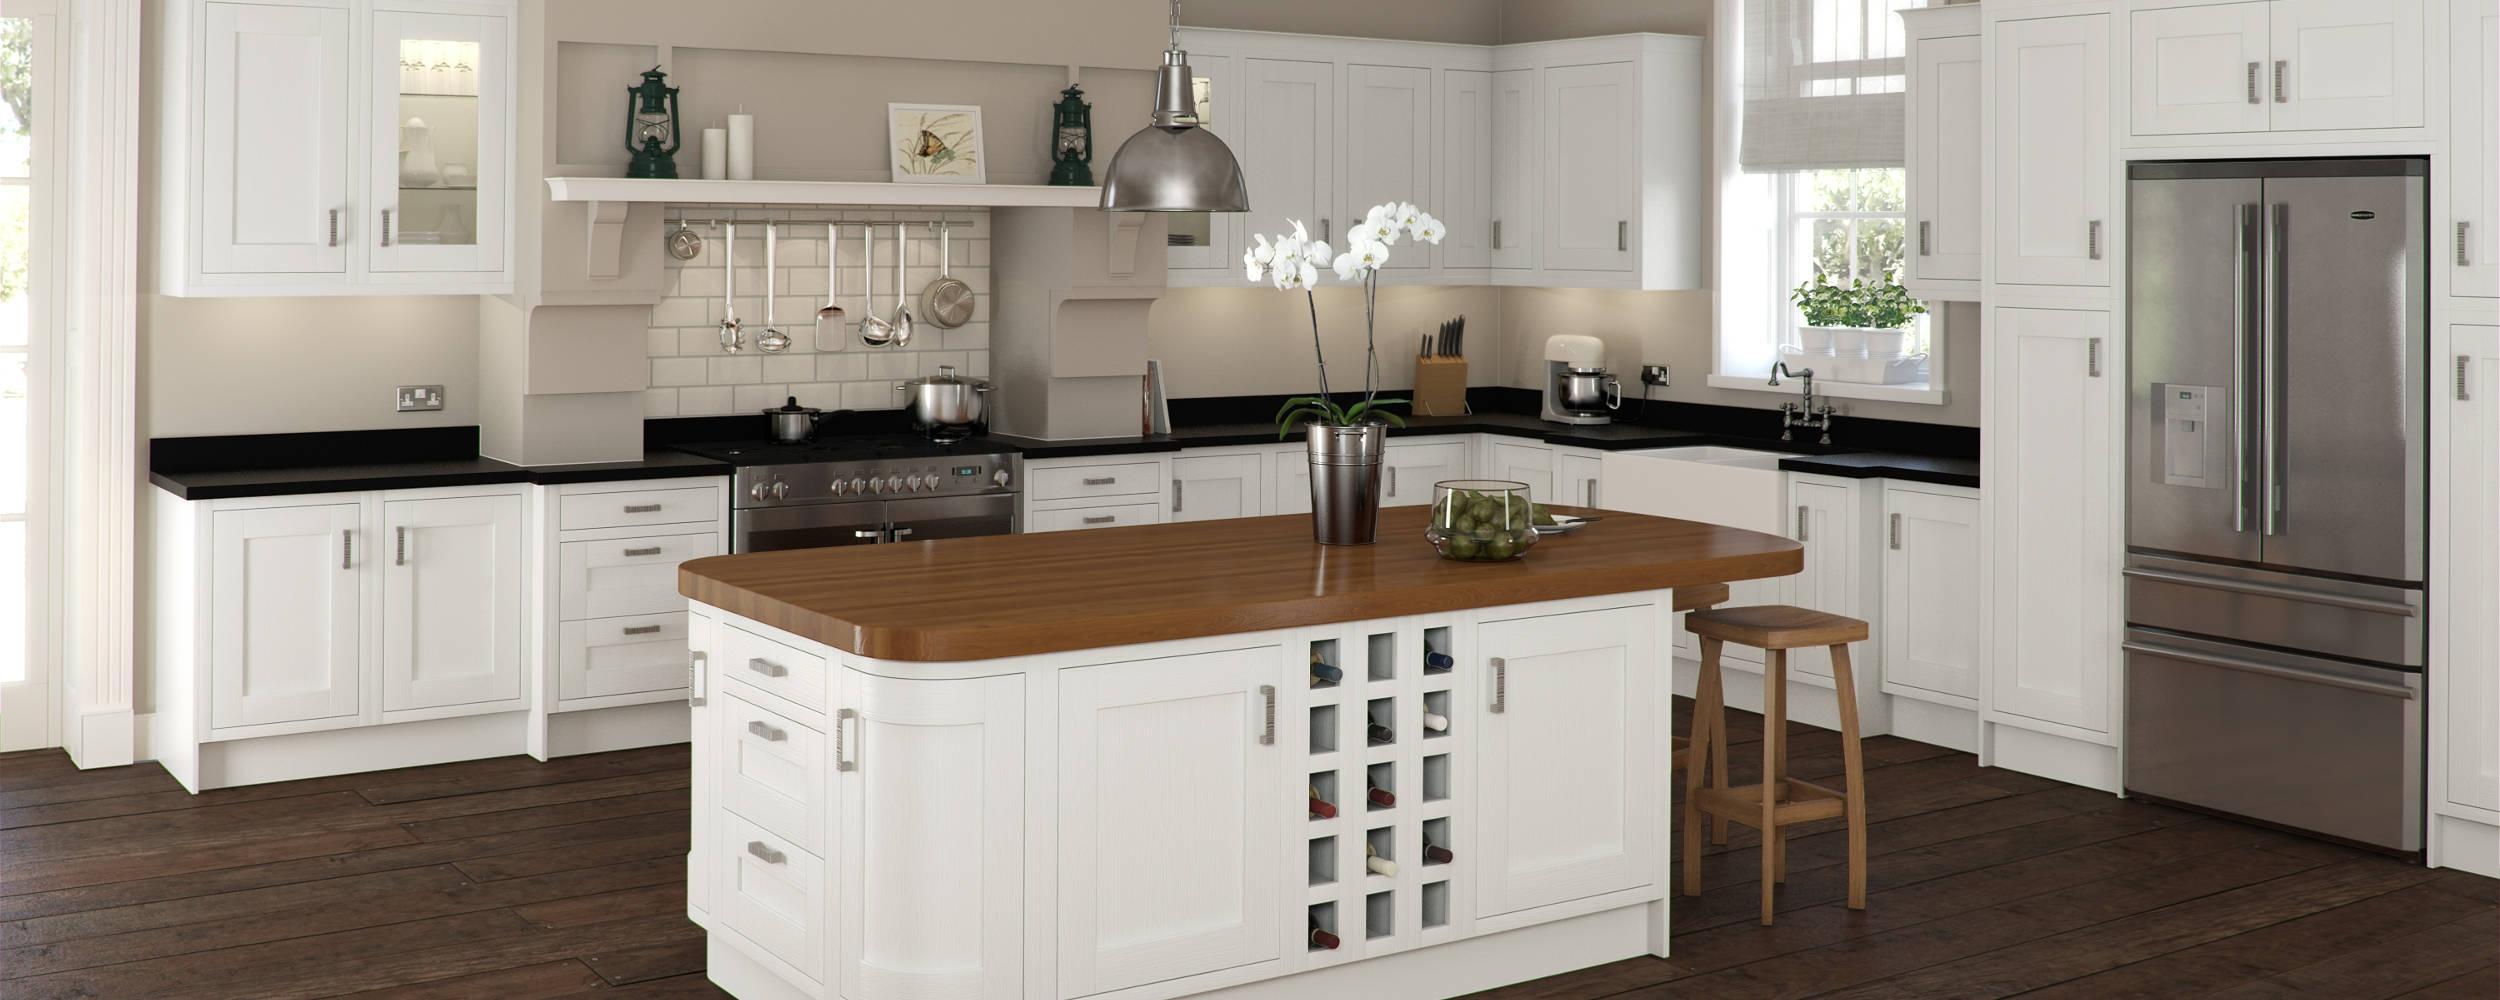 Traditional Kitchens Edinburgh | Oak Kitchens Edinburgh | Shaker ...